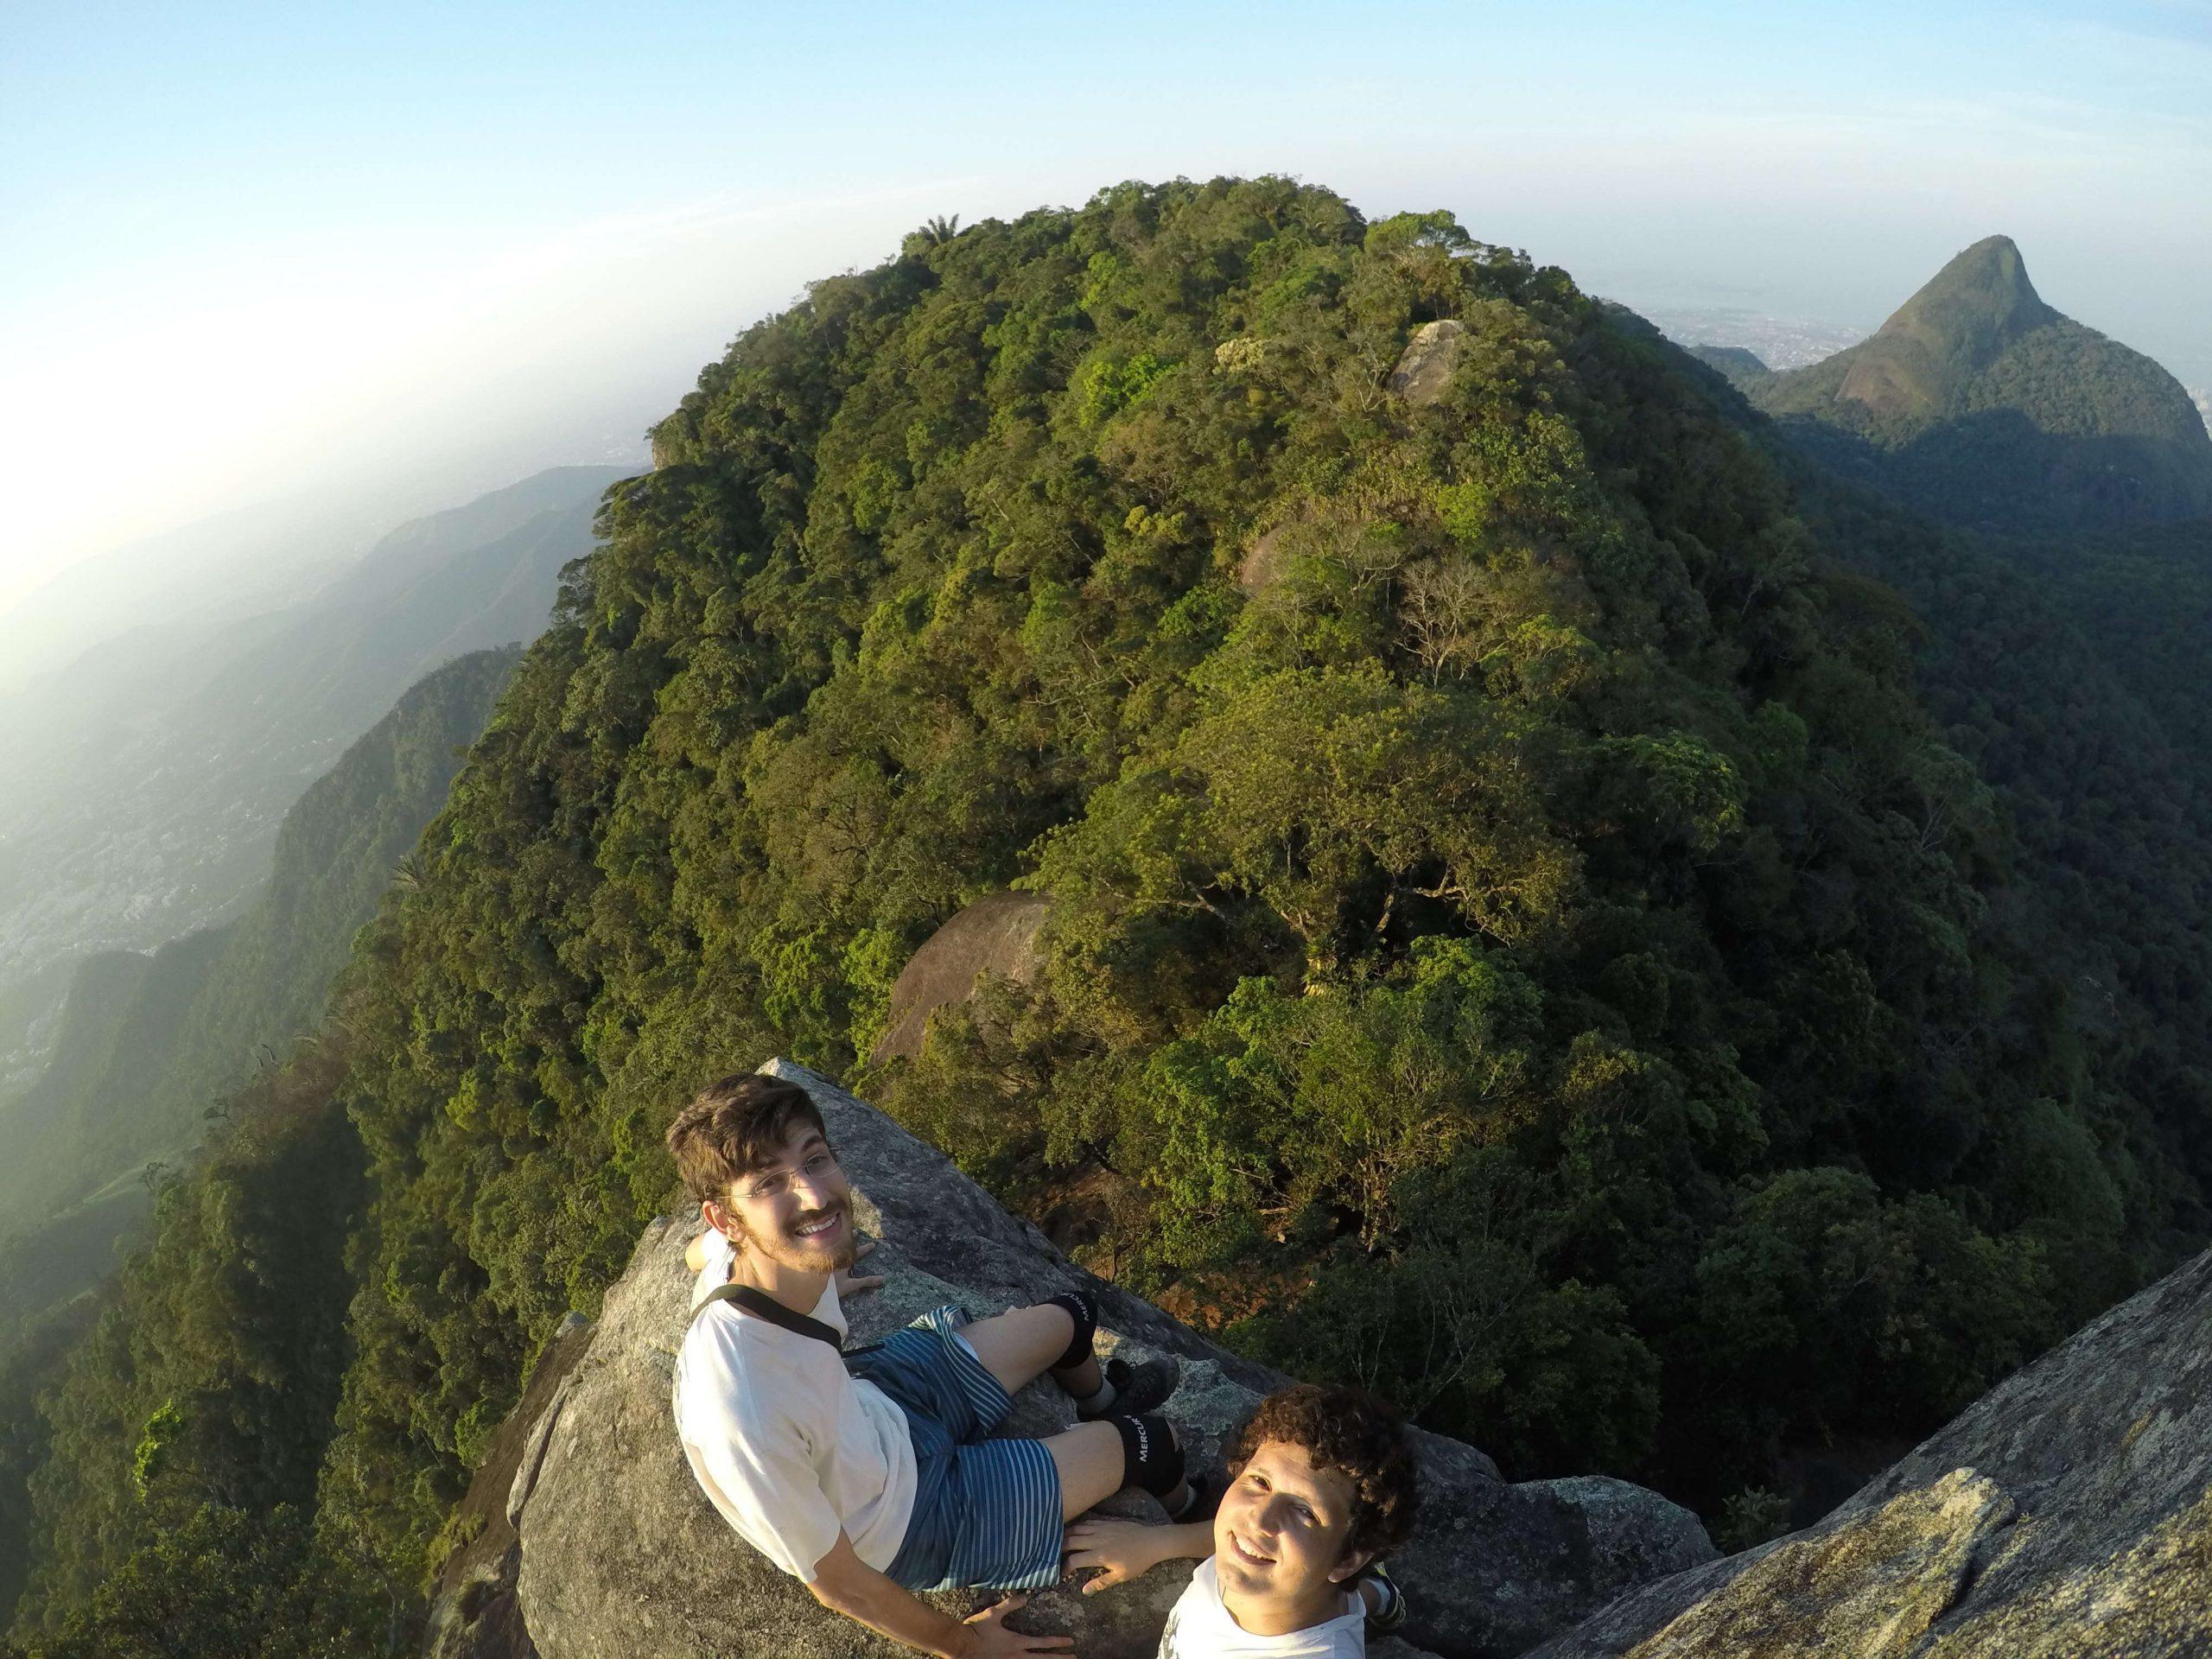 A-trilha-do-Bico-do-Papagaio-Floresta-da-Tijuca-RJ-Vamos-Trilhar